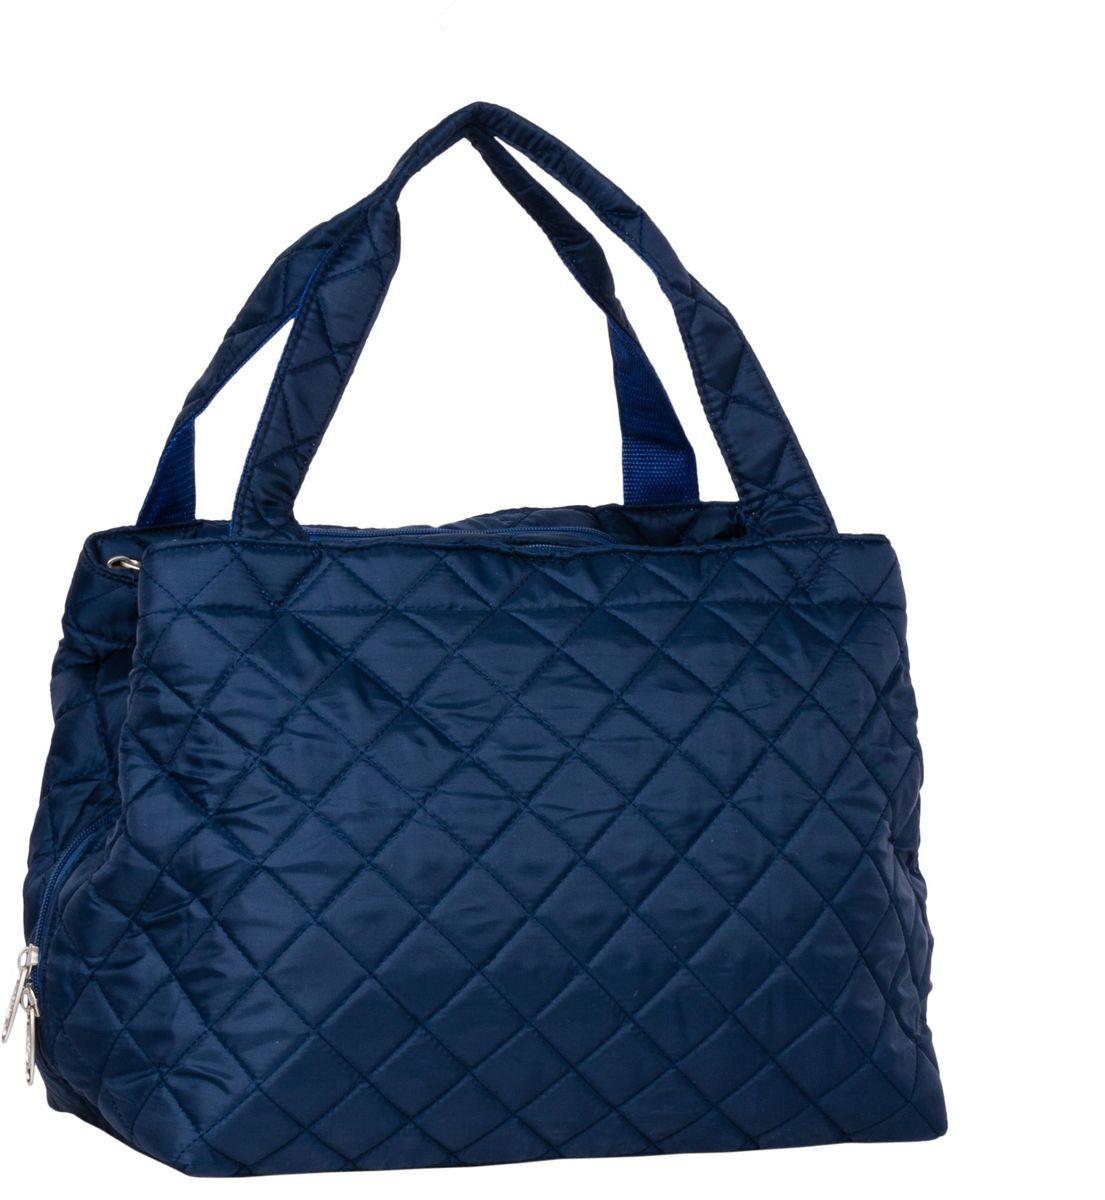 Сумка дорожная Polar Римини, цвет: синий, 25 л. П7077MABLSEH10001Повседневная дорожная сумка Polar Римини выполнена из полиэстера. Сумка имеет 3 отделения, застегивающиеся на застёжку-молнию.